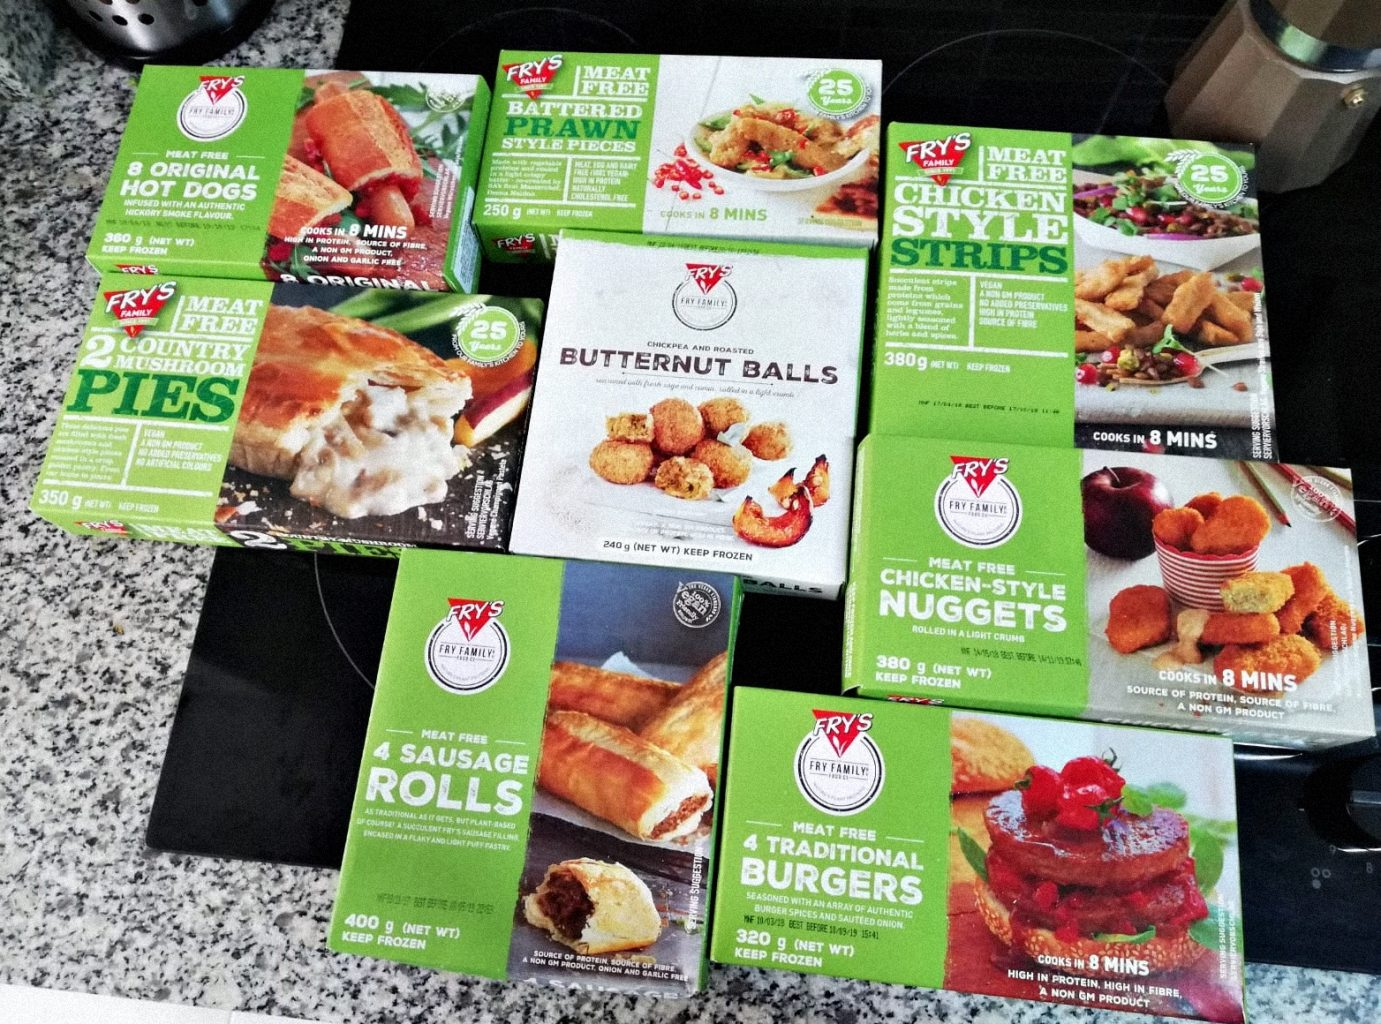 comida vegana comprar online - ¿Ser vegano o vegetariano podría cambiar el mundo?